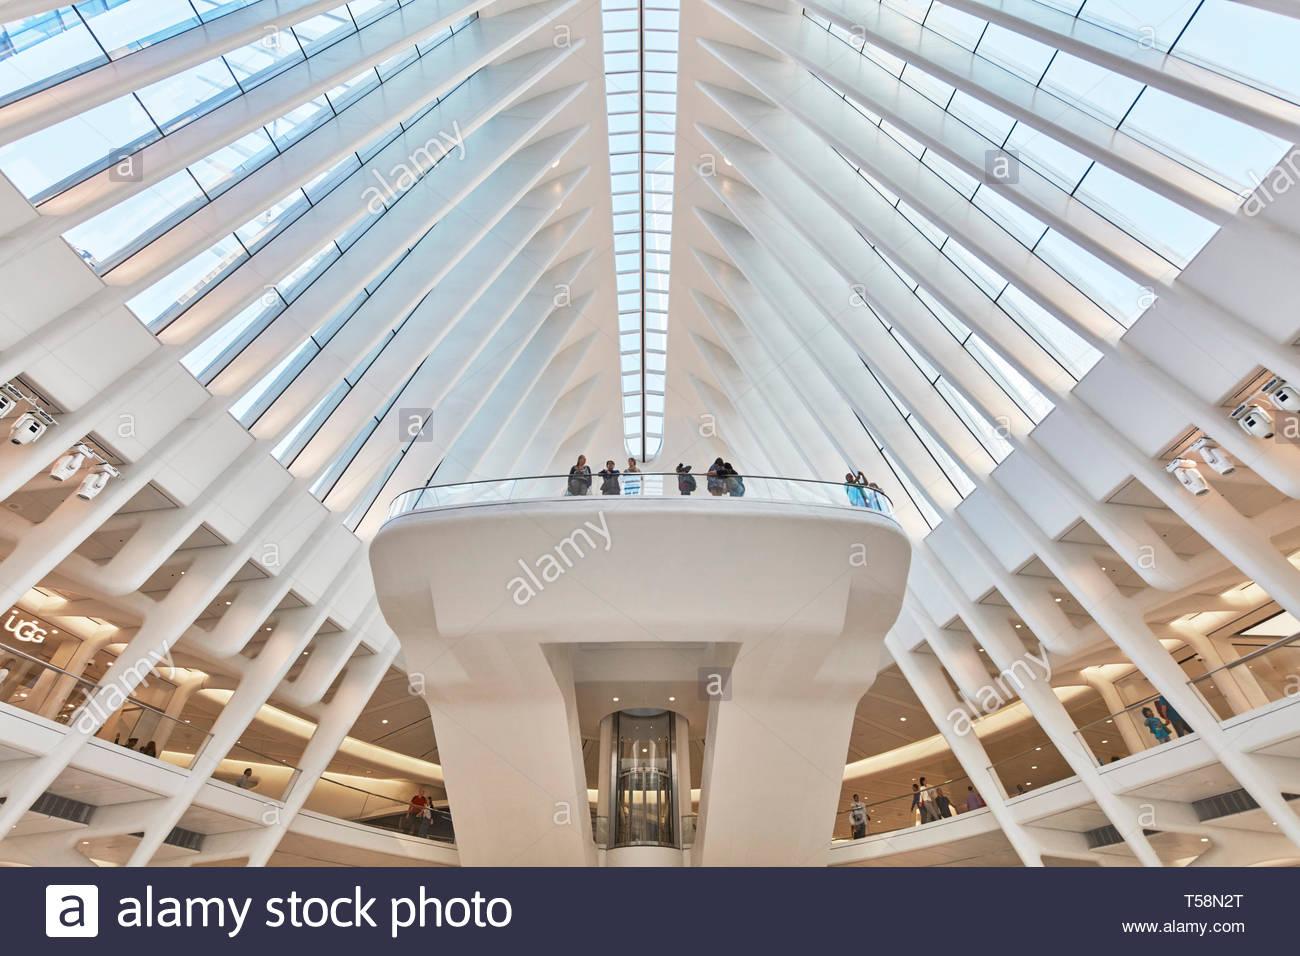 Vista di balcone. L'occhio, World Trade Center Hub di trasporto, la città di New York, Stati Uniti. L'Architetto Santiago Calatrava, 2016. Foto Stock